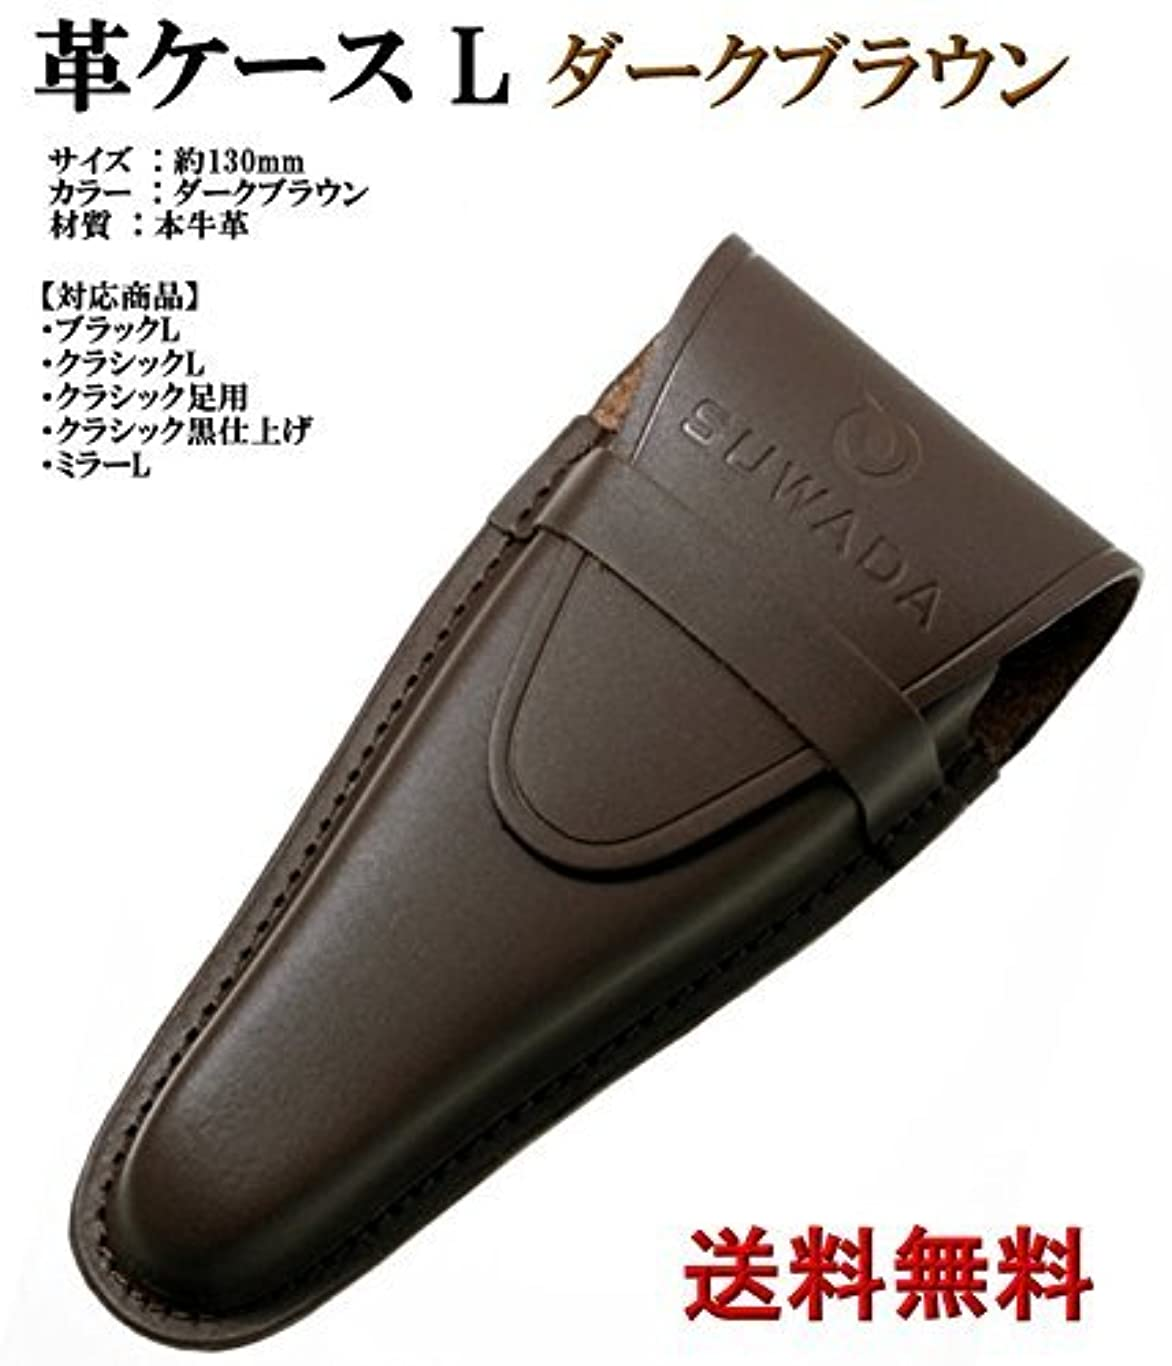 セットアッププレビスサイト火SUWADA 爪きり用本革ケースL